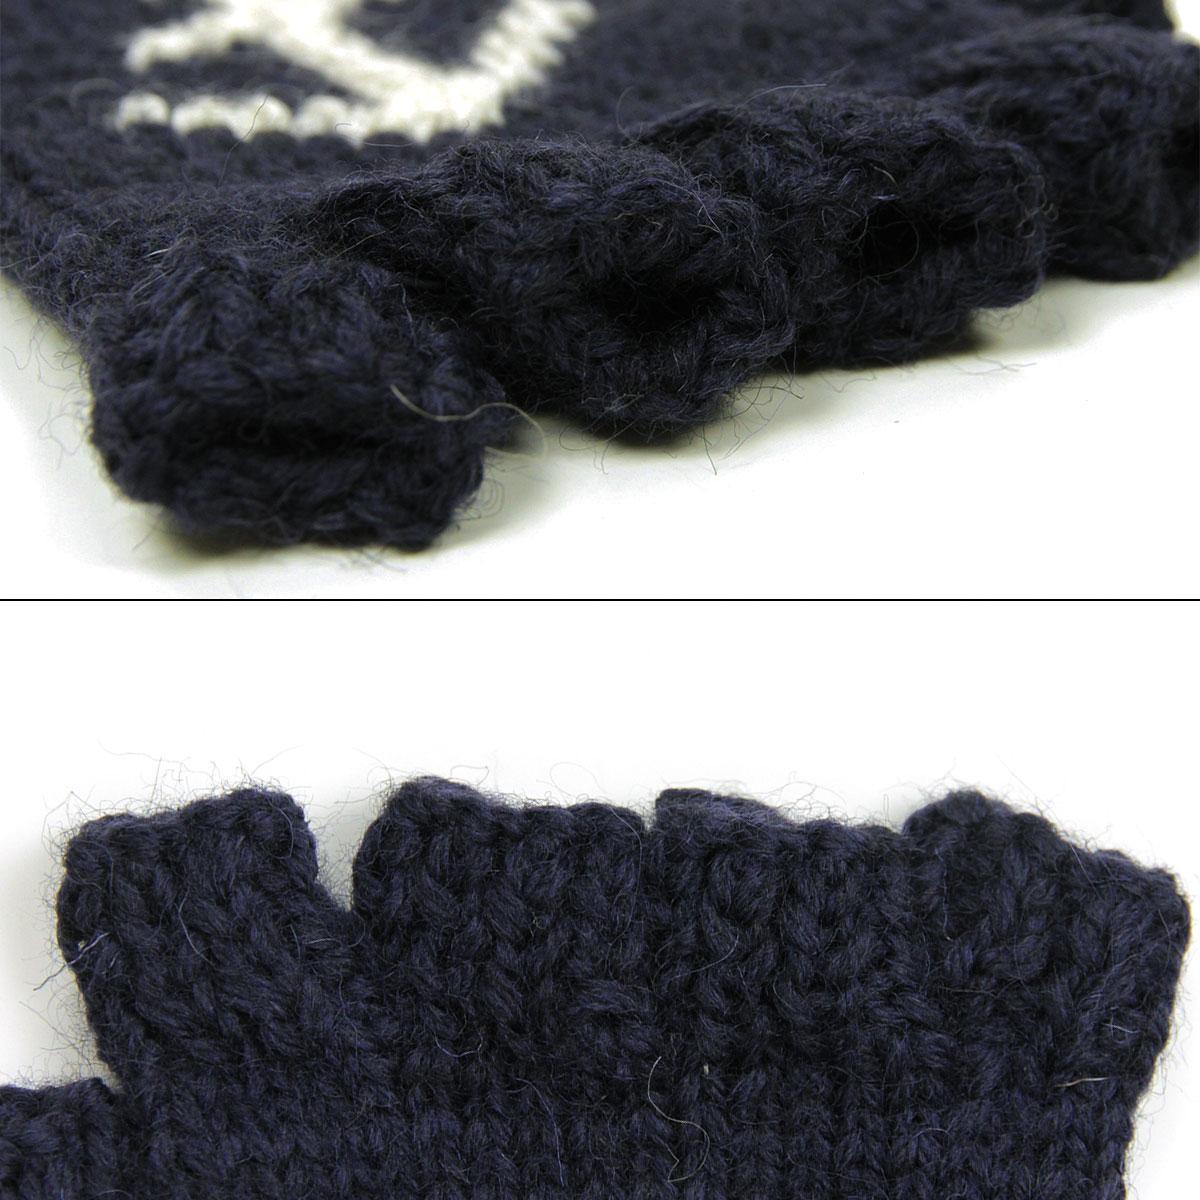 ブラックシープ BLACK SHEEP 正規販売店 メンズ 手袋 BLACK SHEEP HANDMADE FINGERLESS KNIT GLOVE SM08B NAVY×ECRU×ANCHOR A87B B1C C3D D0E E00F